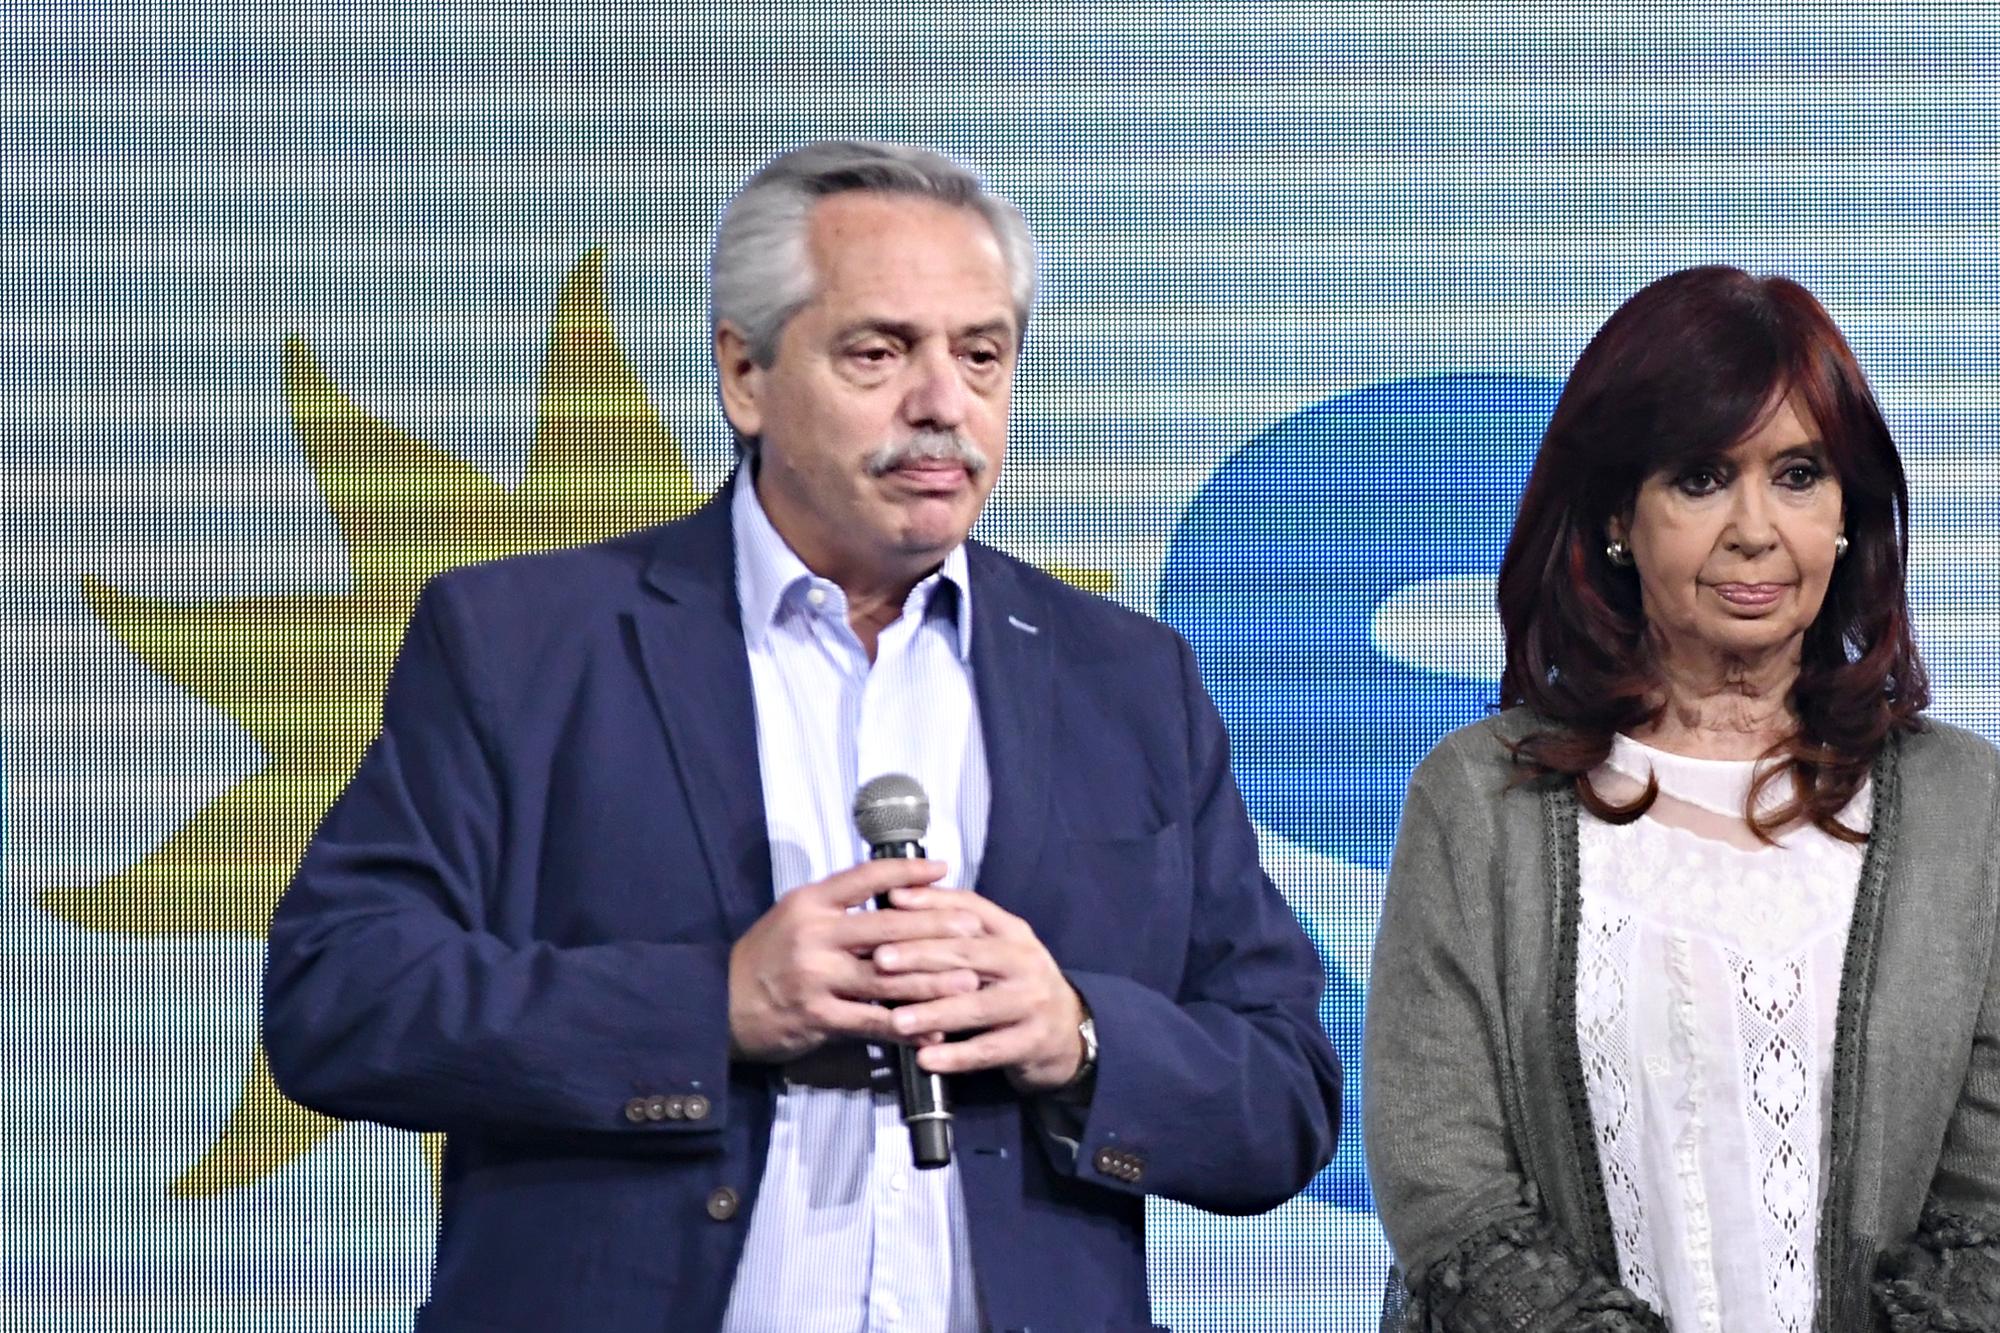 Elecciones PASO 2021: Contundente derrota de Alberto Fernández y Cristina Kirchner en casi todo el país